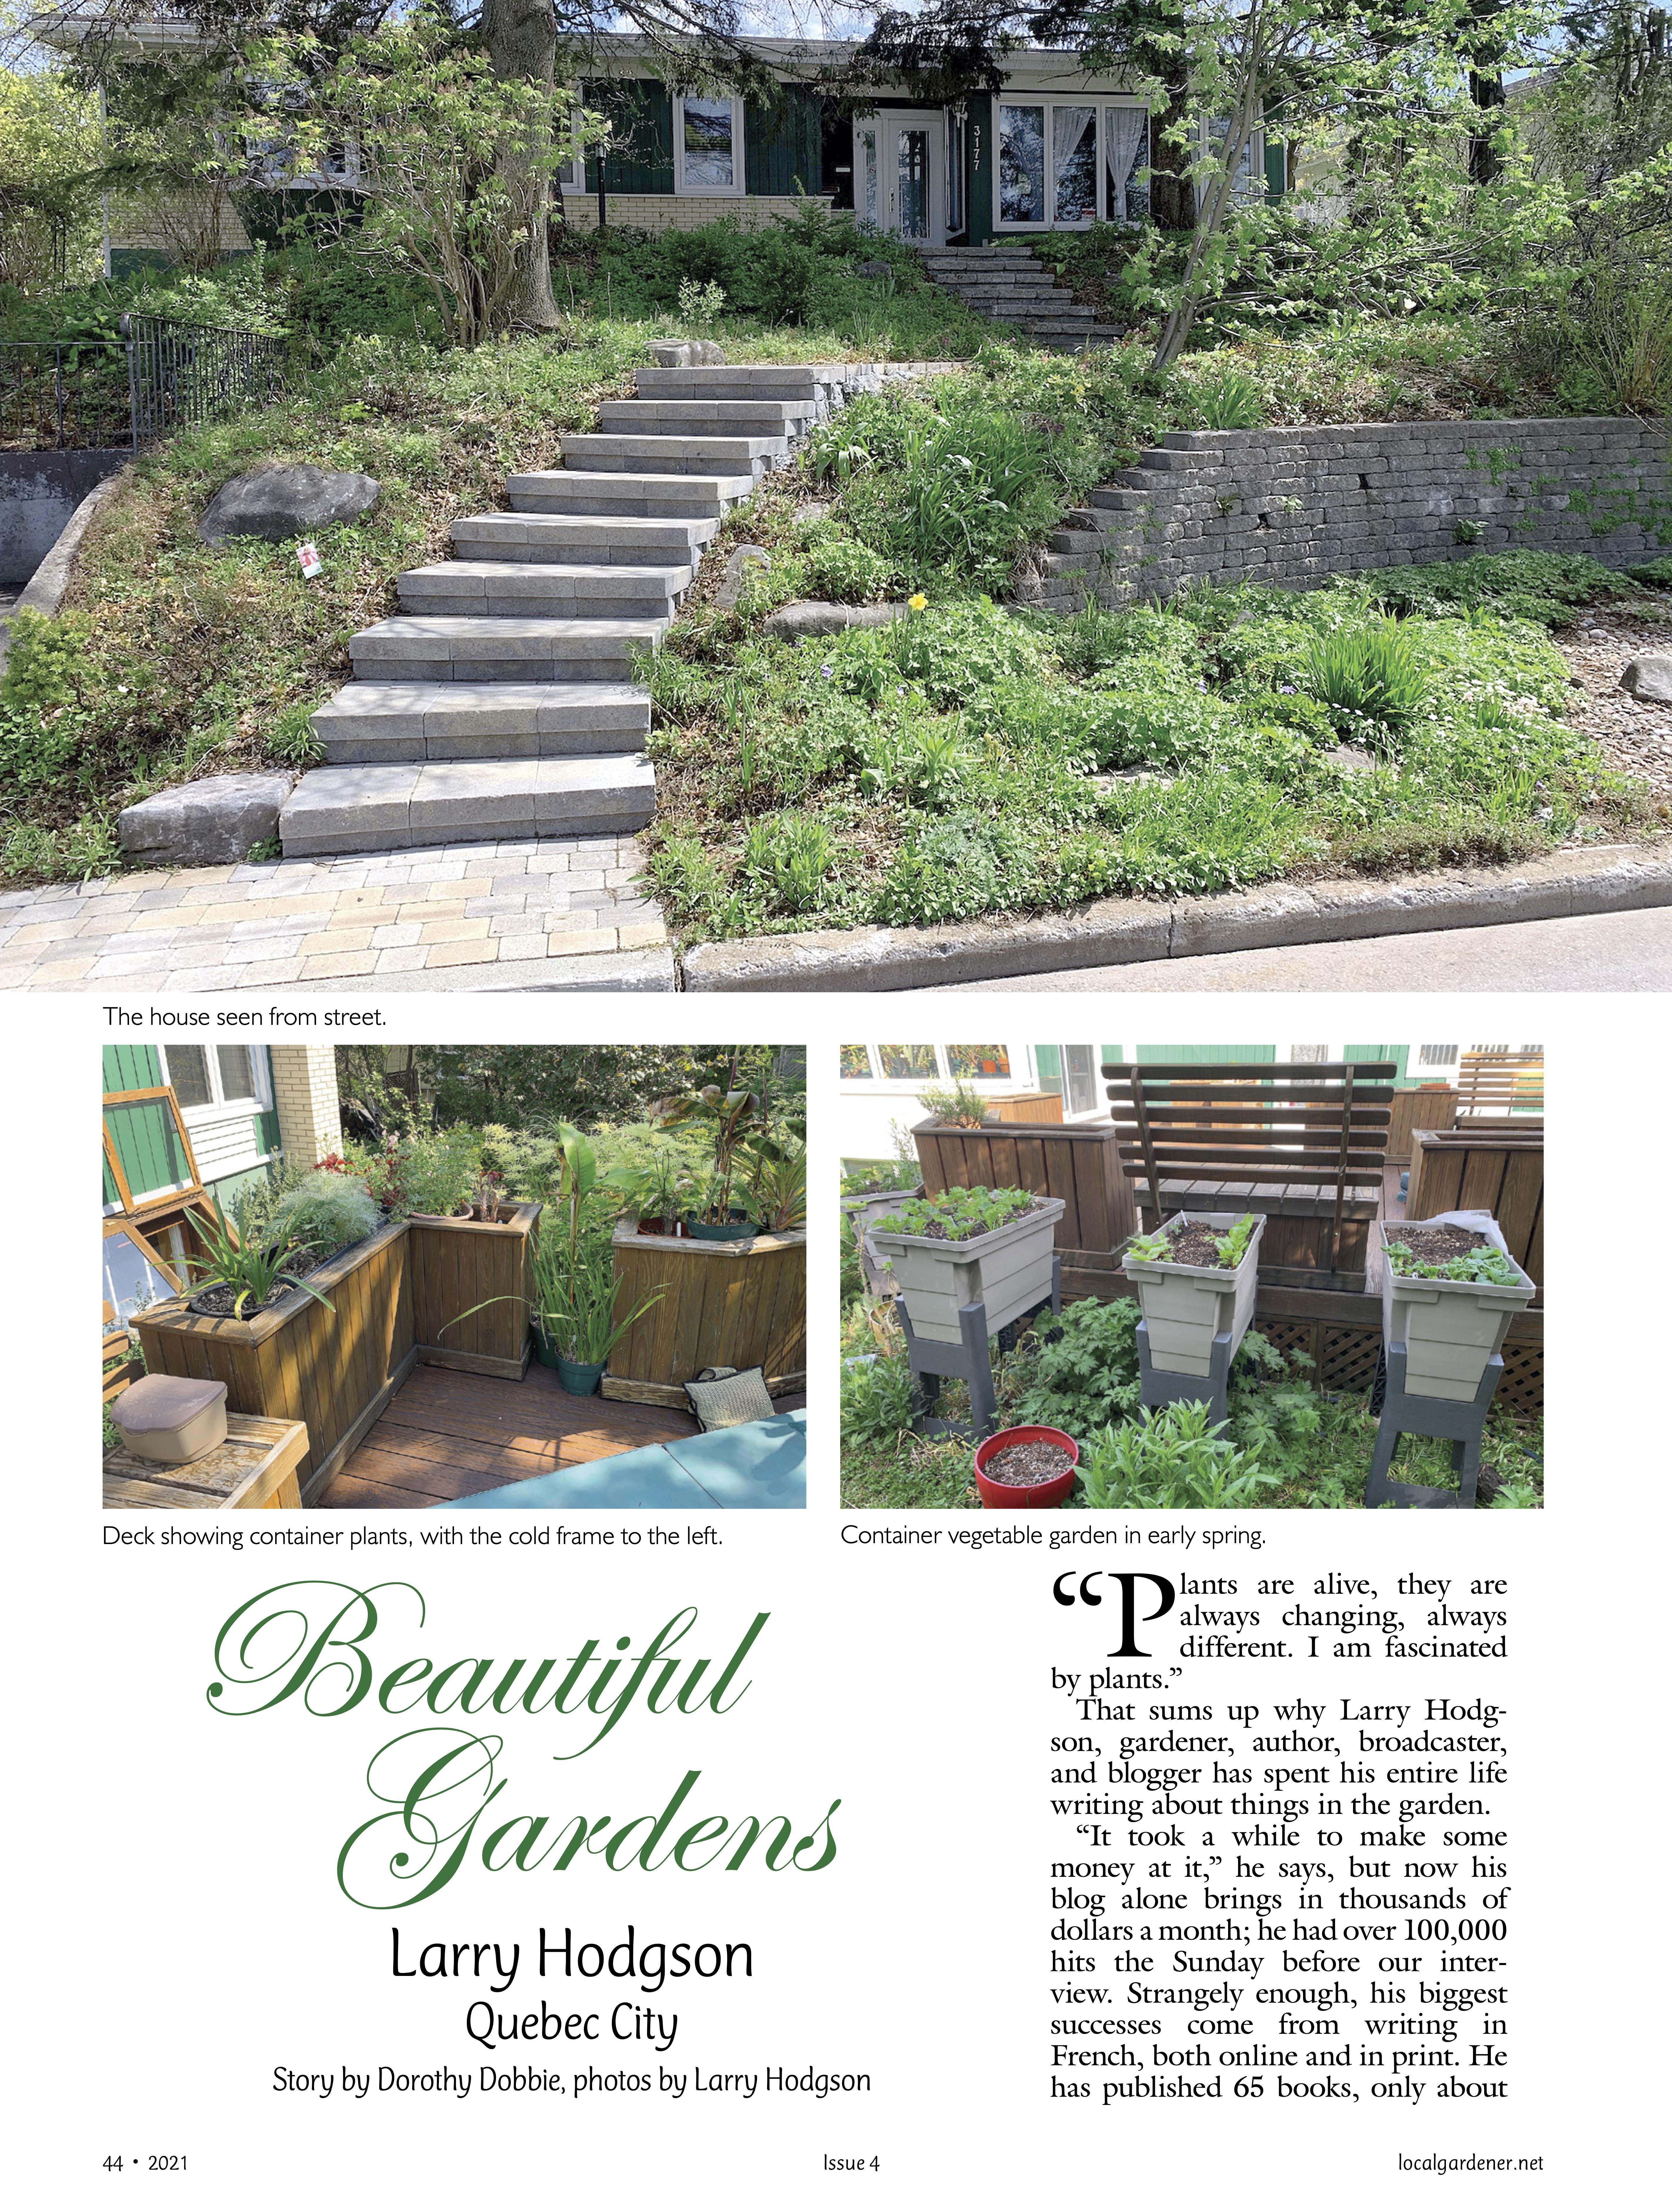 Première page de l'article sur le jardin de Larry Hodgson.